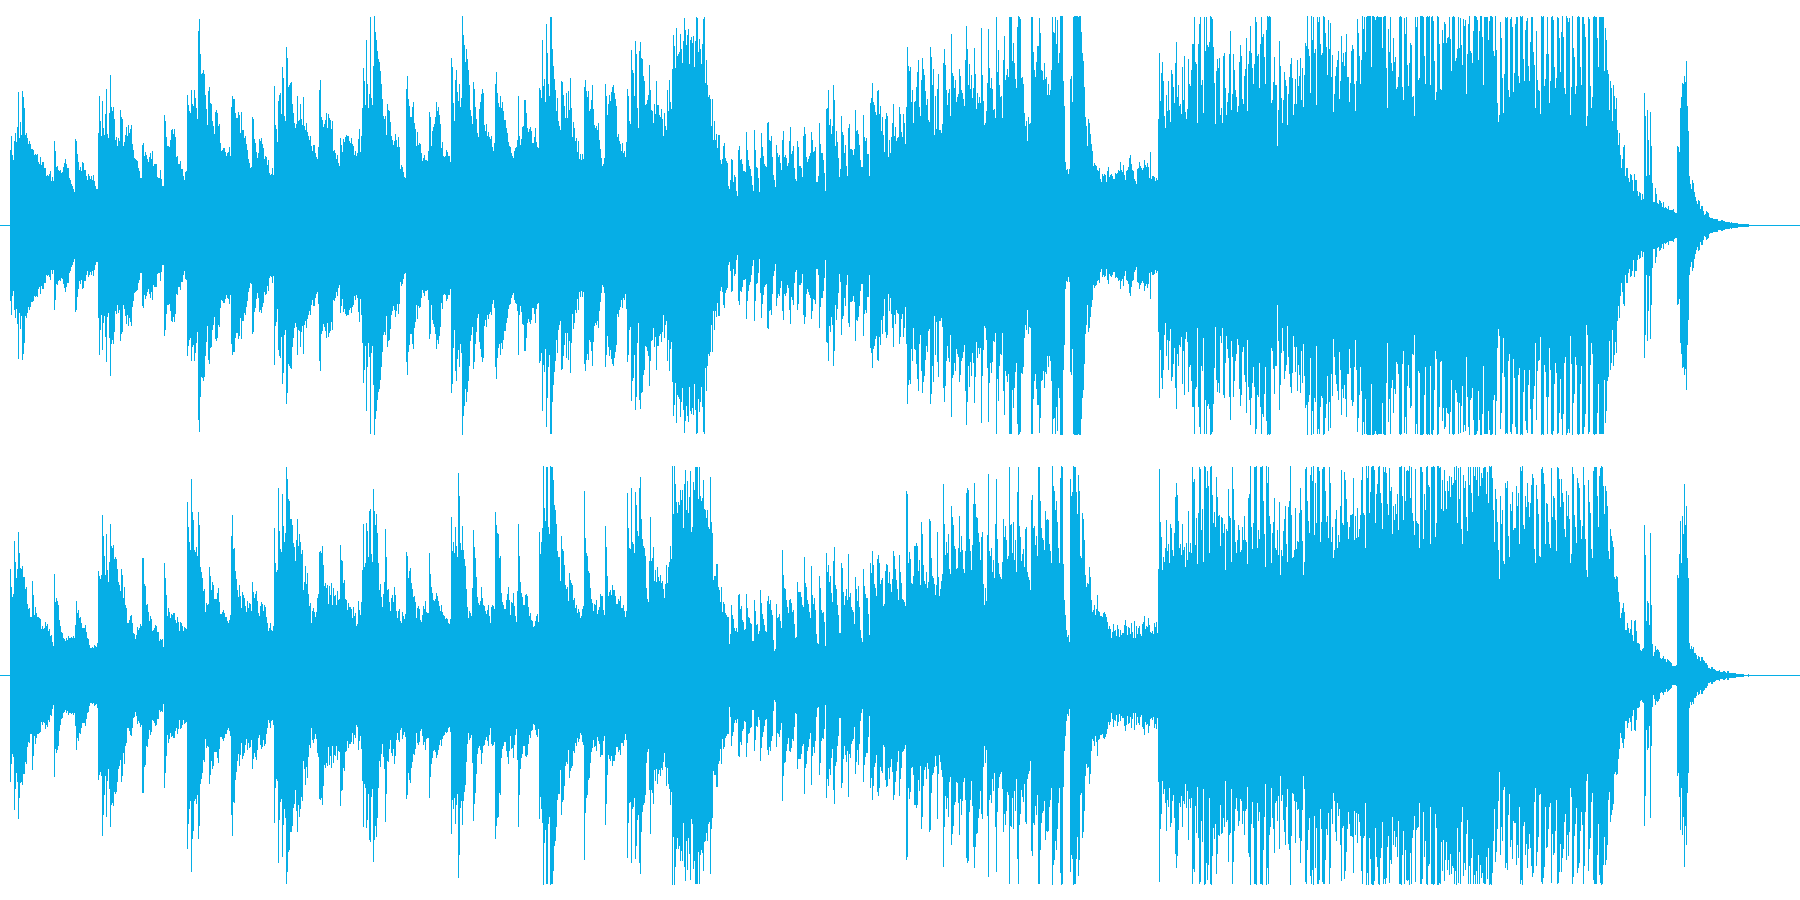 不安感を煽るホラーピアノ即興曲の再生済みの波形